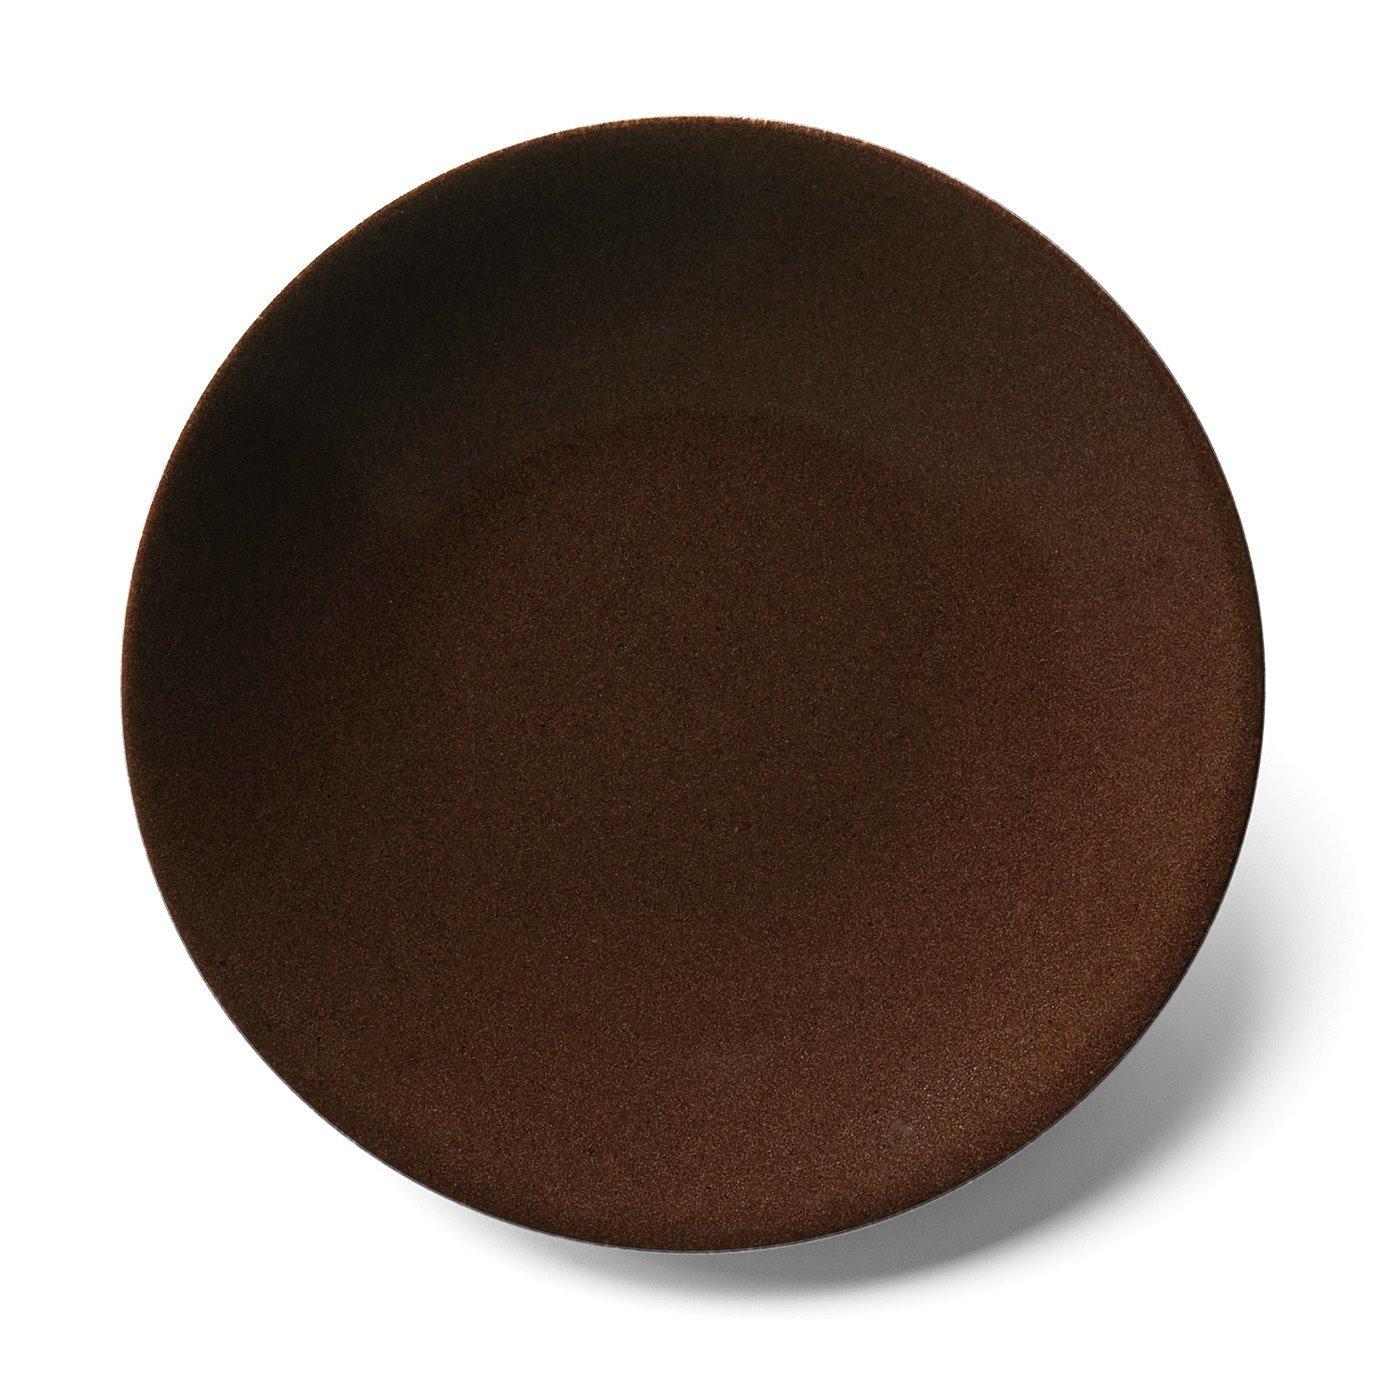 味わい深いブラウンのボーイッシュ大皿の会